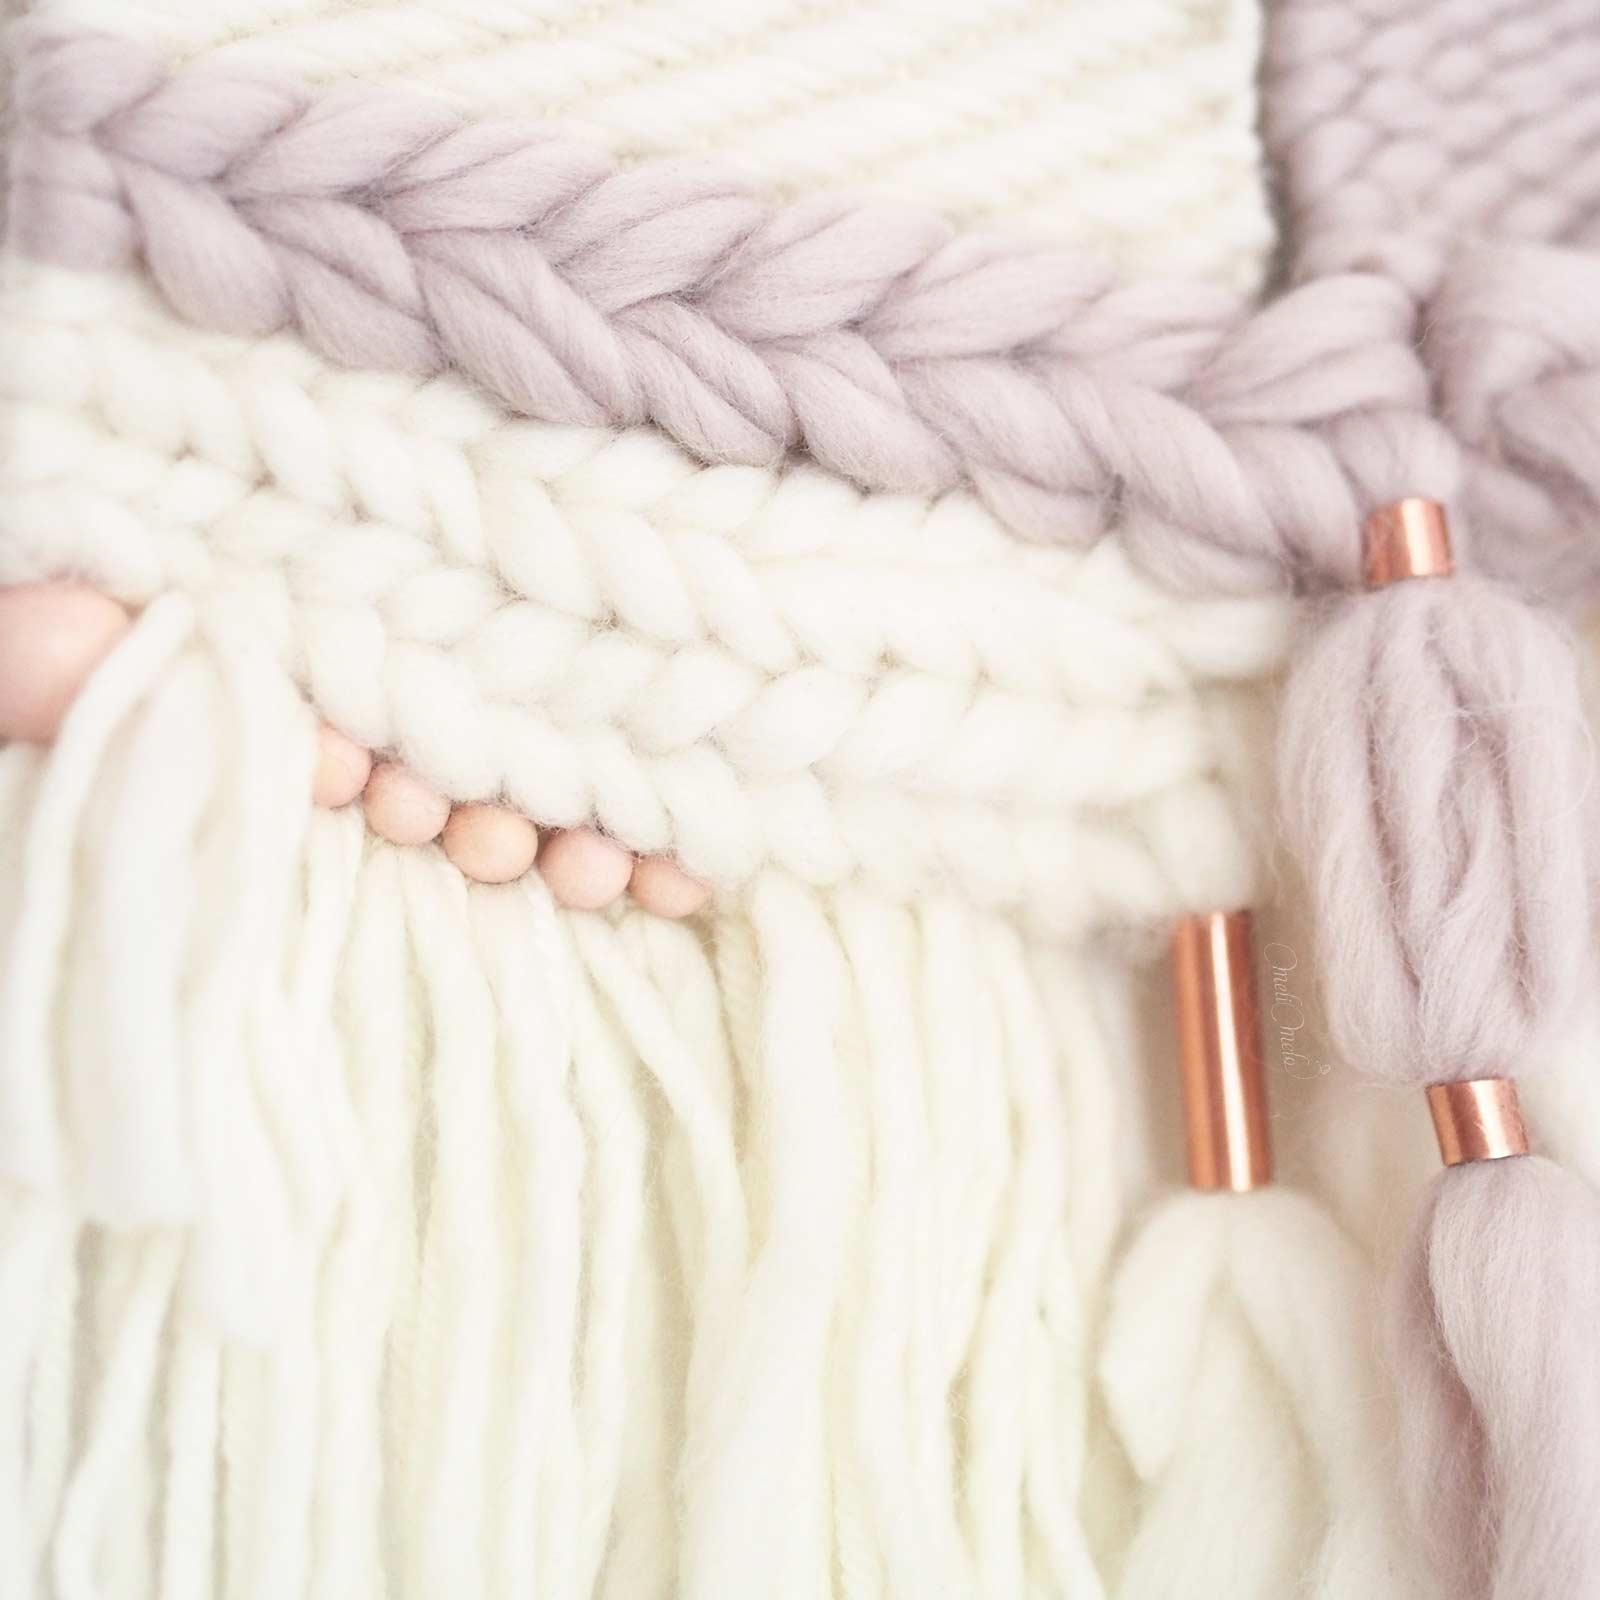 tissage laine cuivre perles bois laboutiquedemelimelo